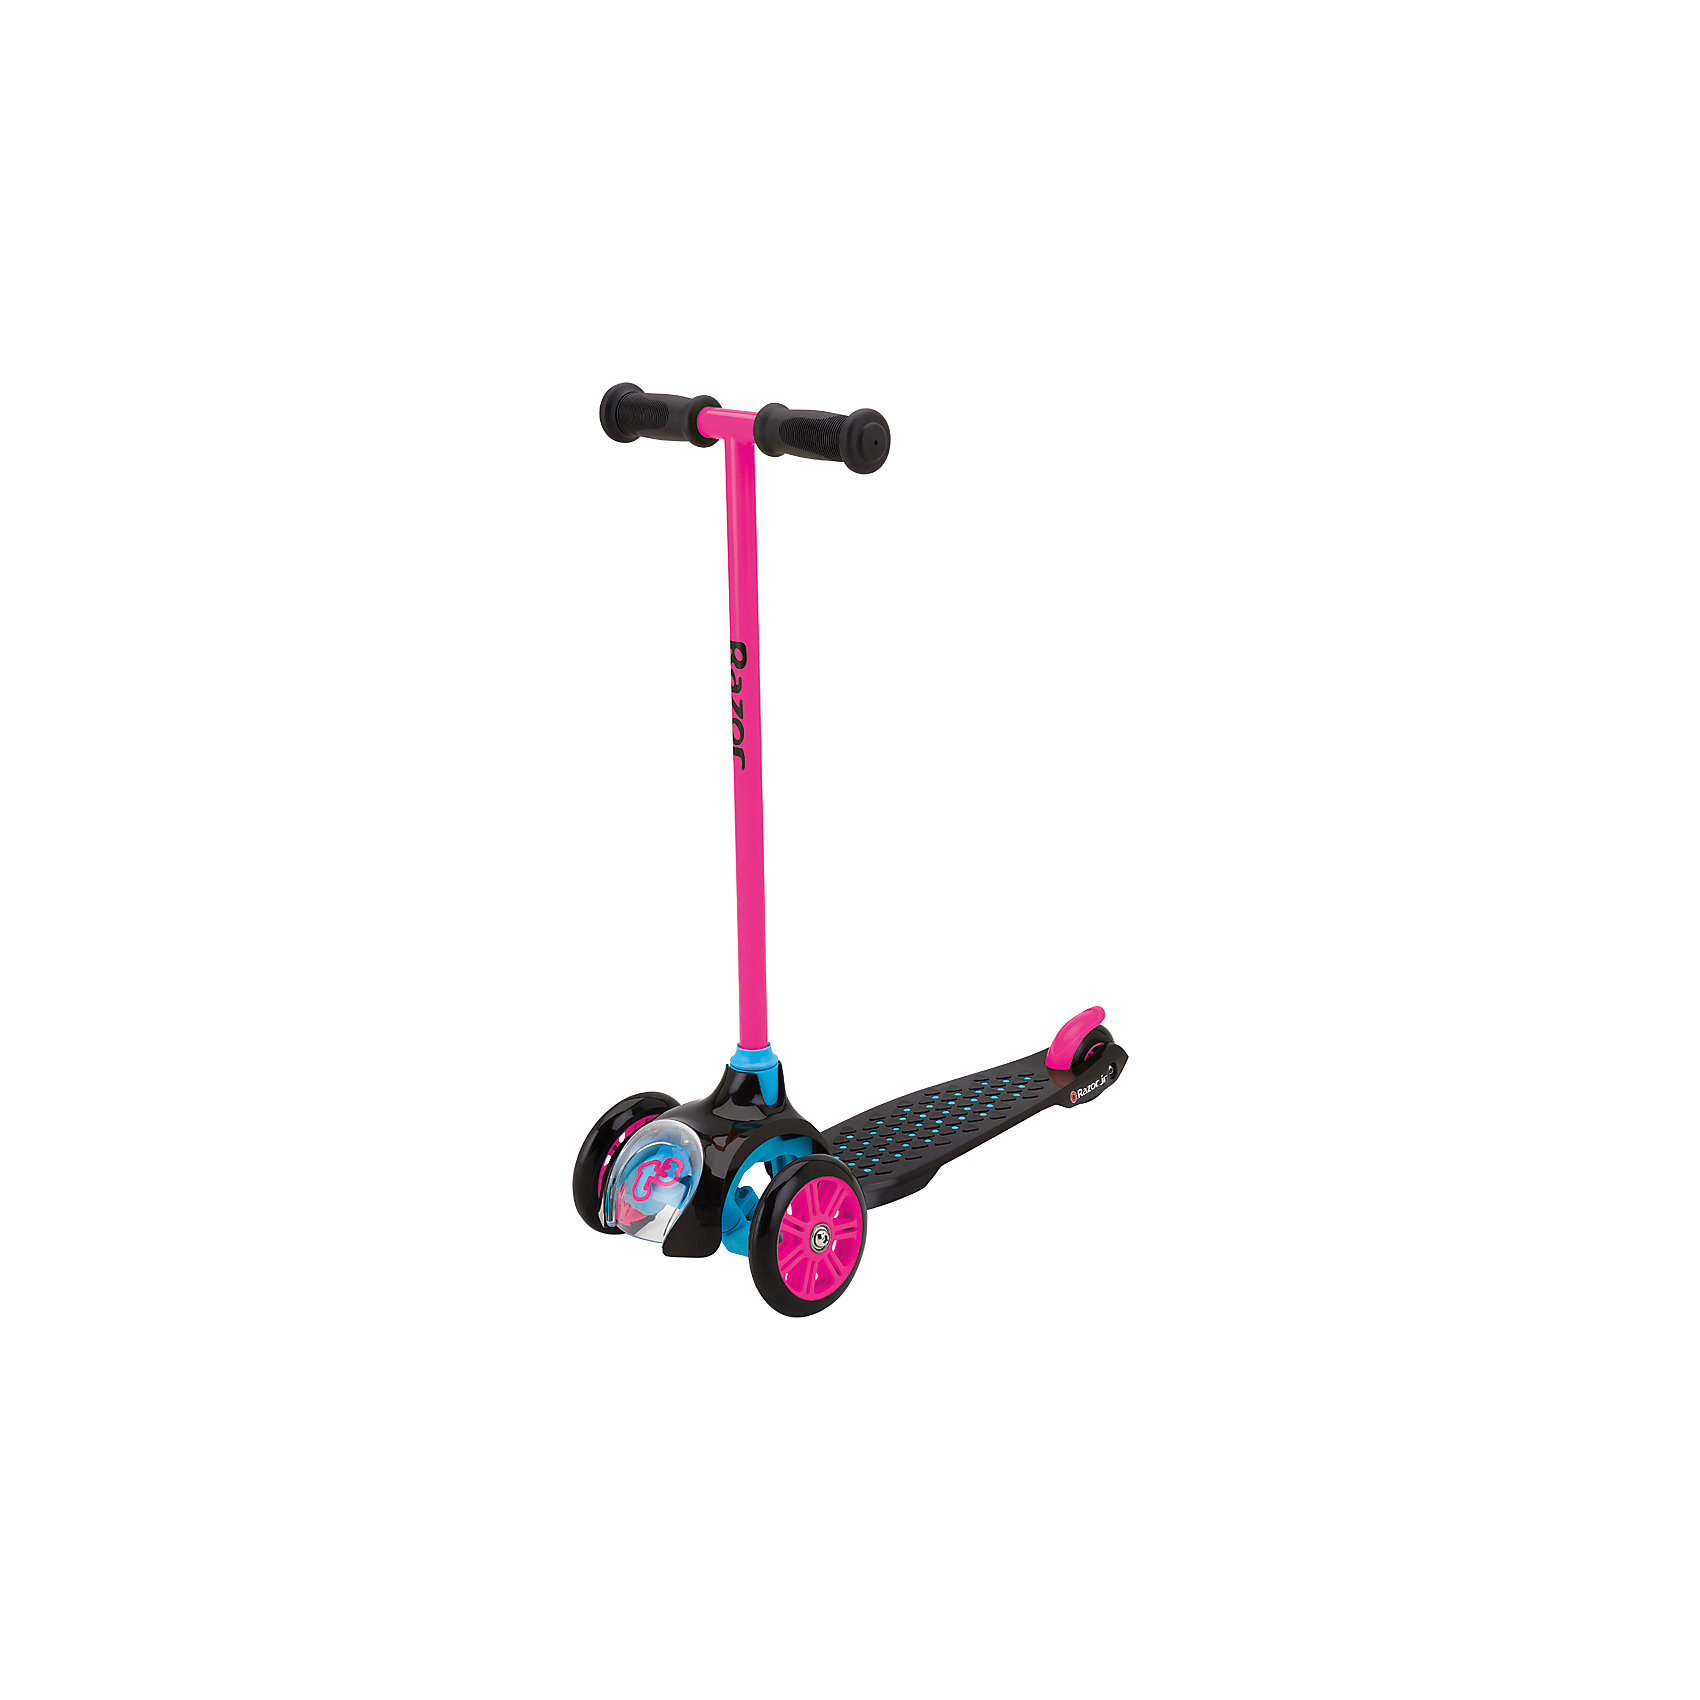 Razor Детский трёхколёсный самокат T3, розовый, Razor